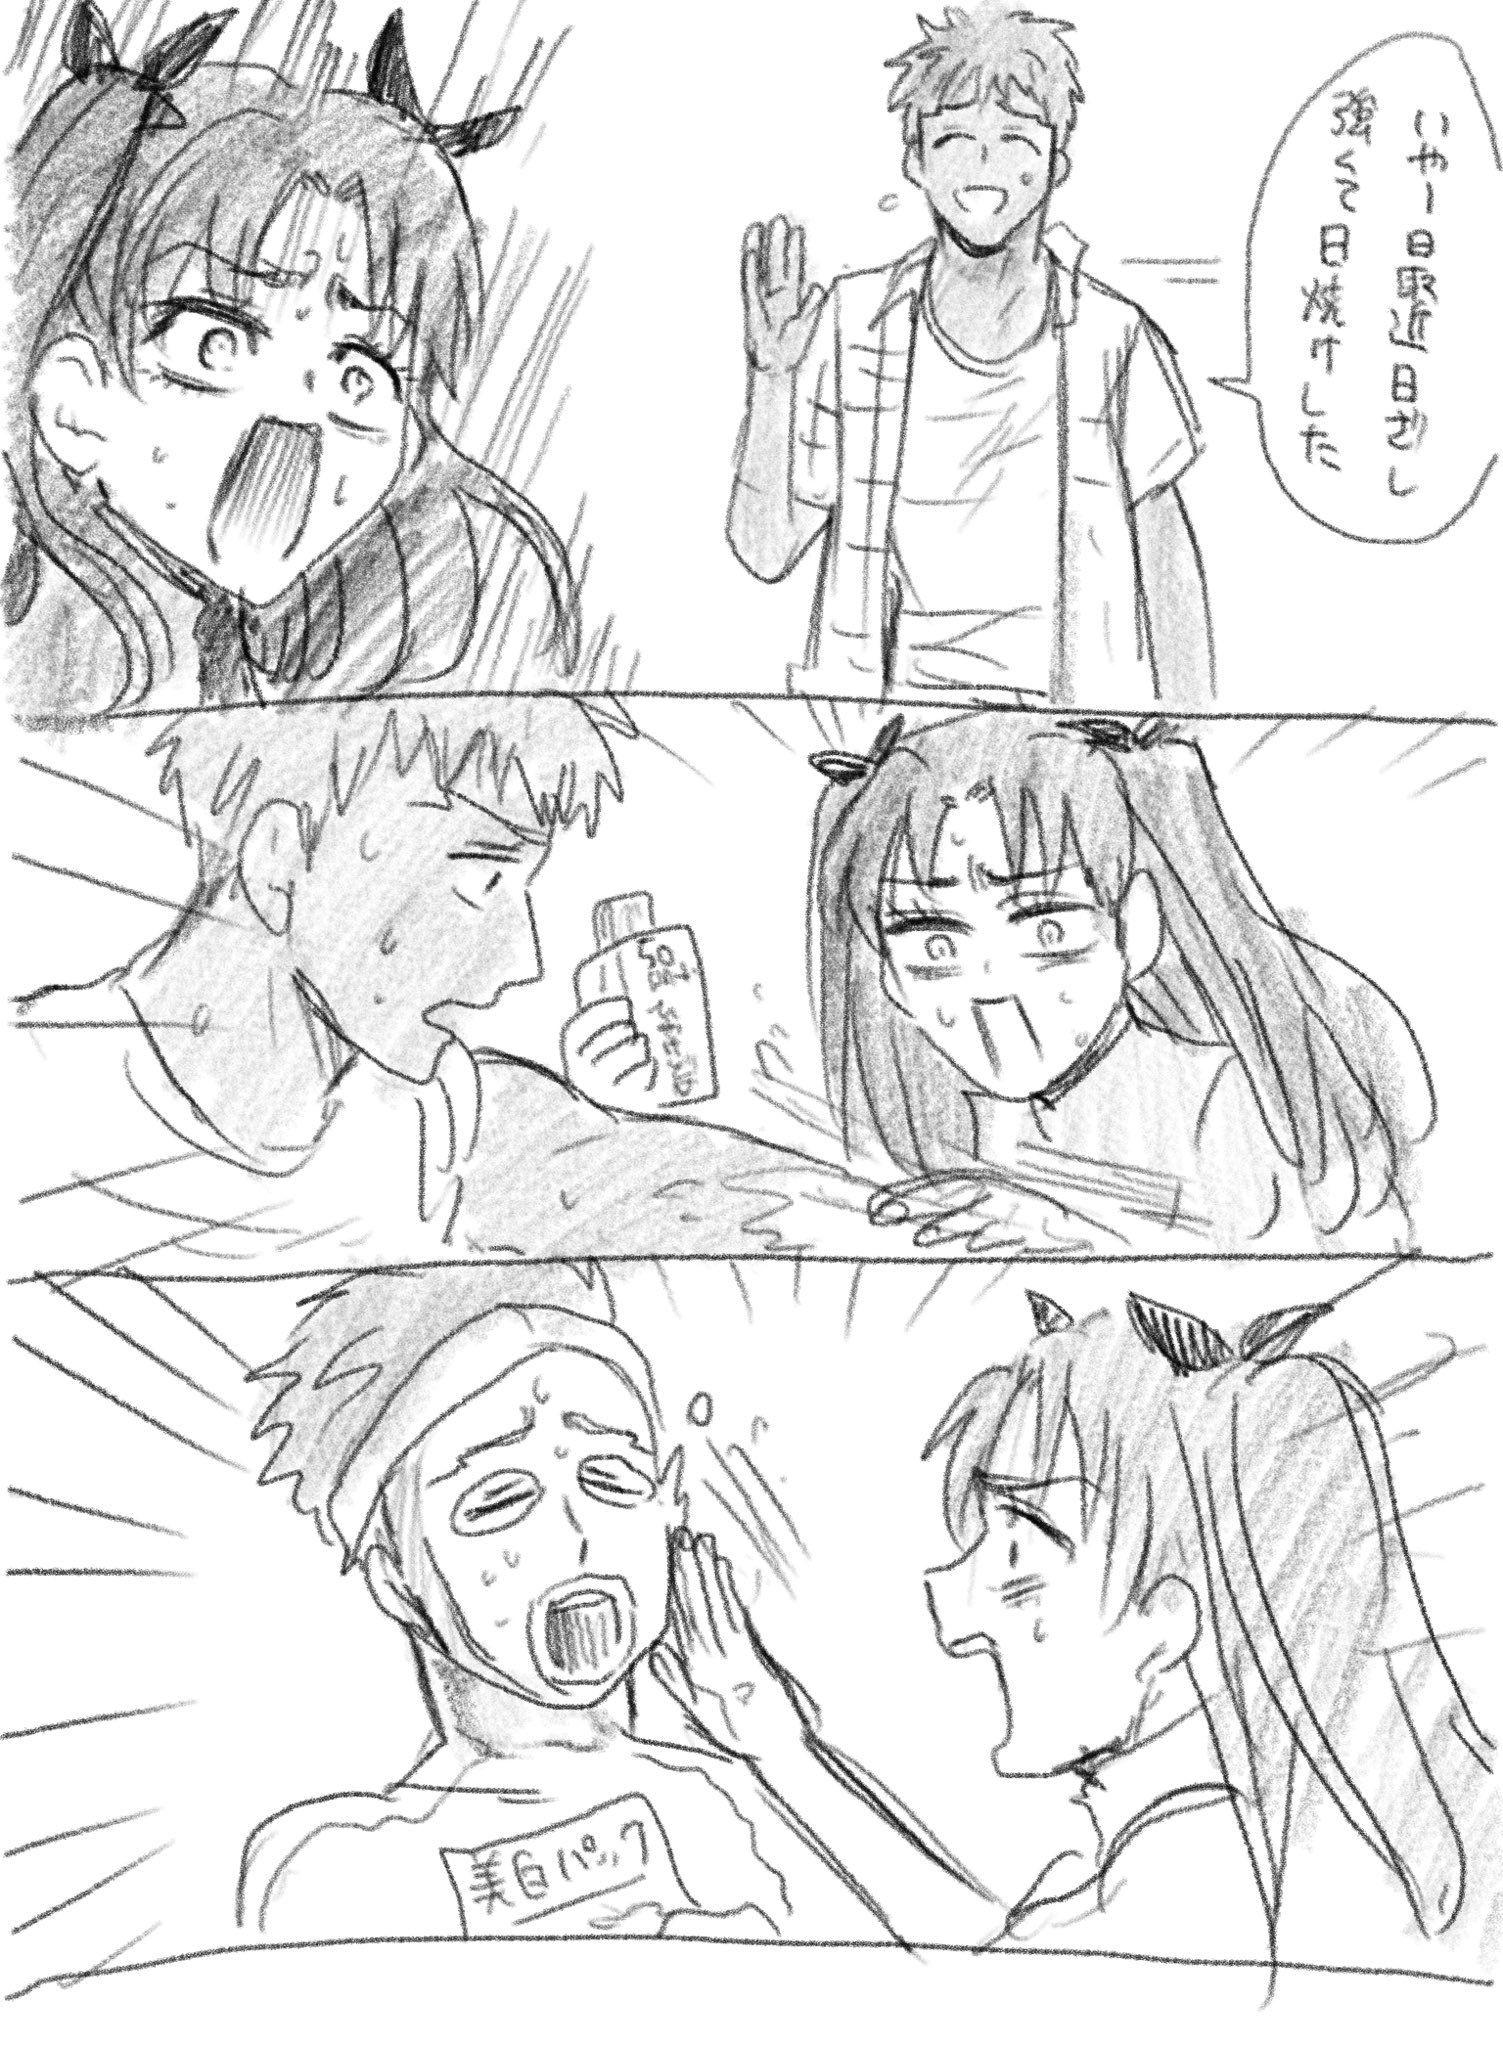 ジャンロク🧟♂️ on Twitter in 2020 Fate anime series, Fate